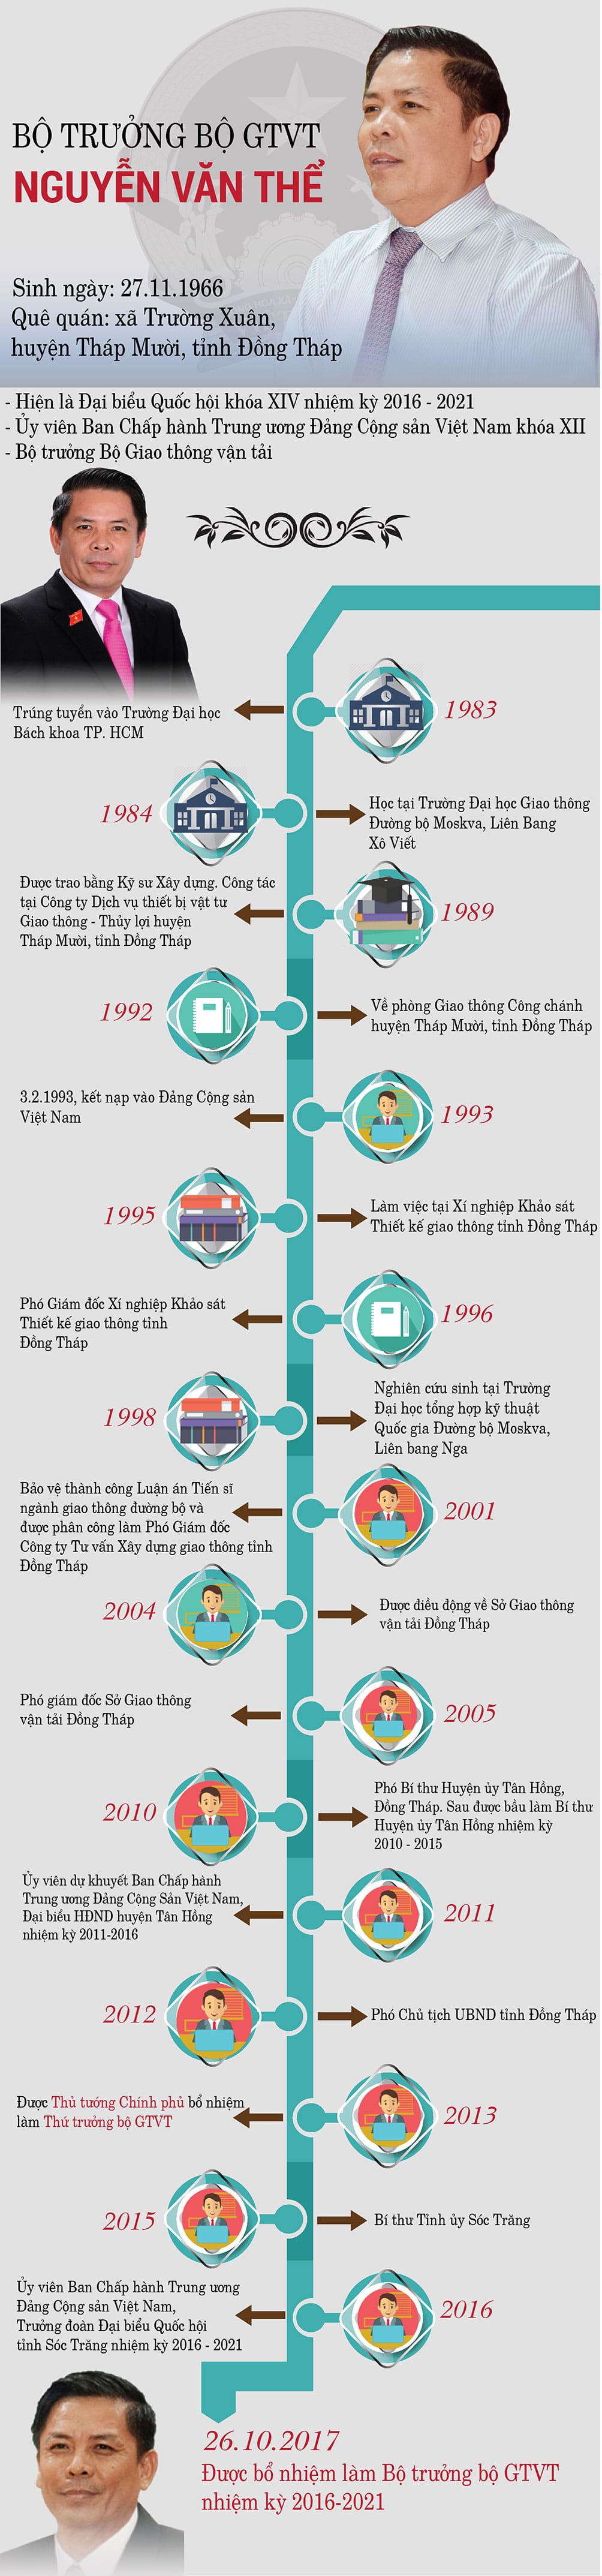 Infographic: Chân dung tân Bộ trưởng GTVT Nguyễn Văn Thể - hình ảnh 1